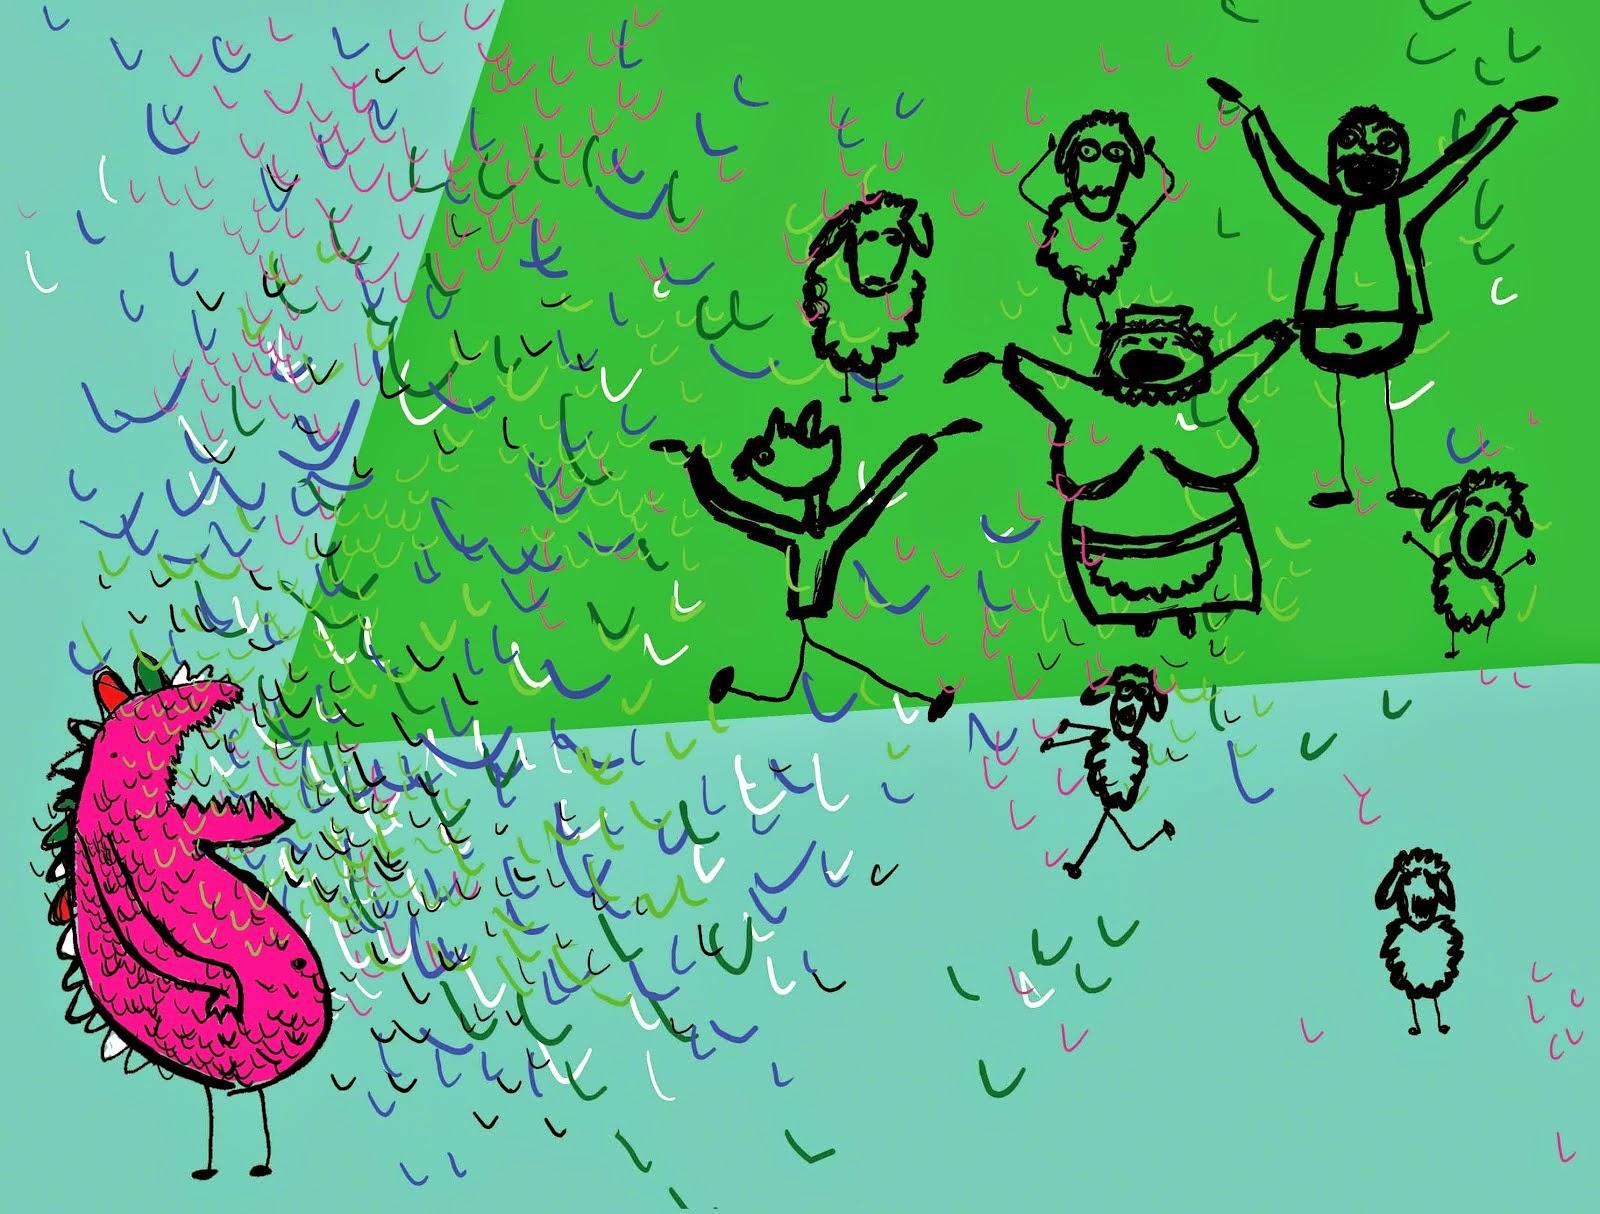 Rytuały, szewczyk i smok, Smok wawelski, Kodeks rycerski, Mateusz Świstak, Baśnie na warsztacie, Przeciw rytuałom